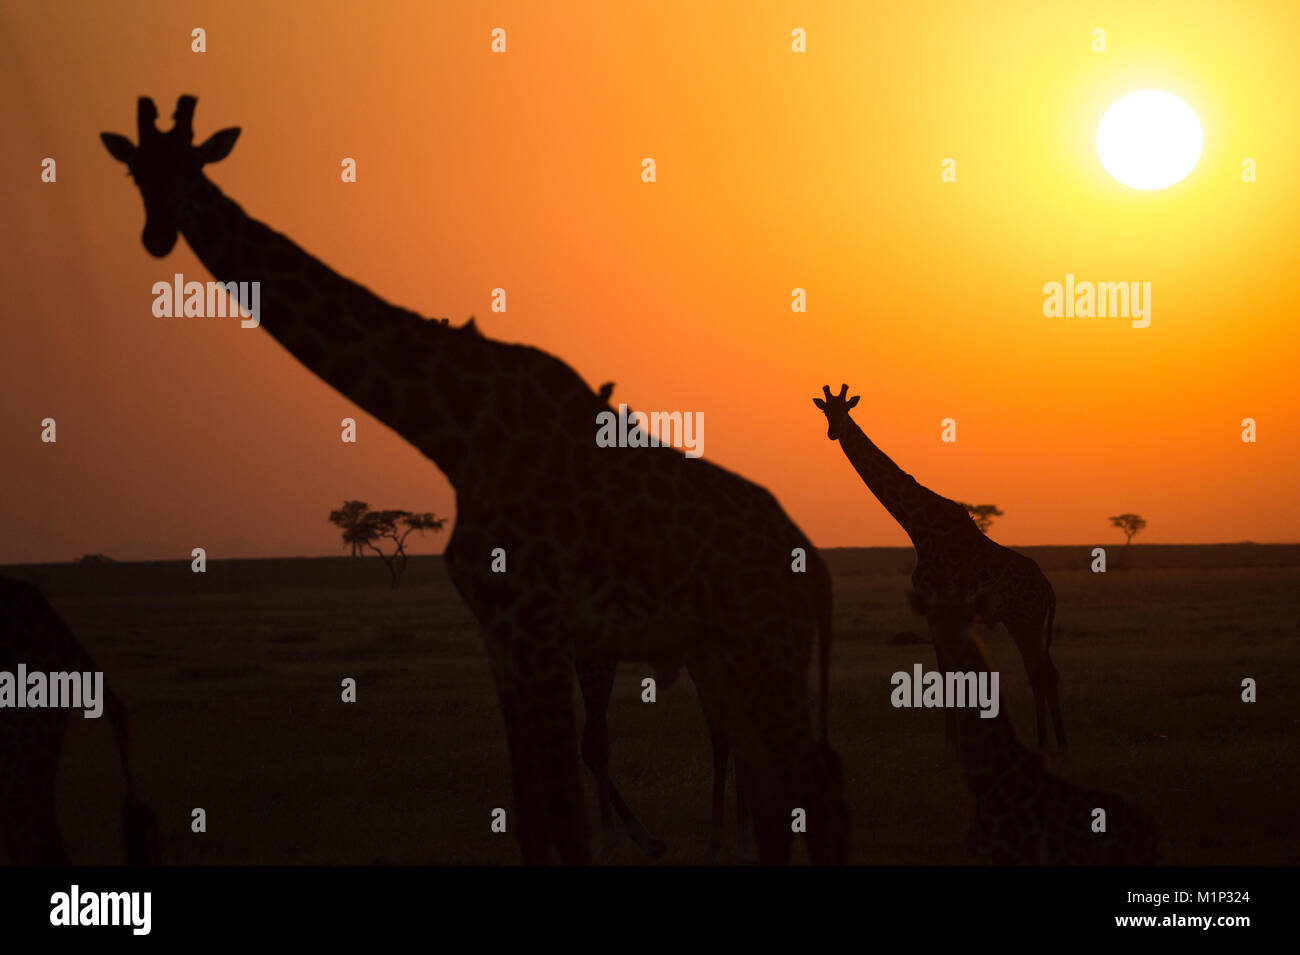 Sagome delle giraffe (Giraffa camelopardalis) al tramonto, Serengeti National Park, Tanzania, Africa orientale, Immagini Stock